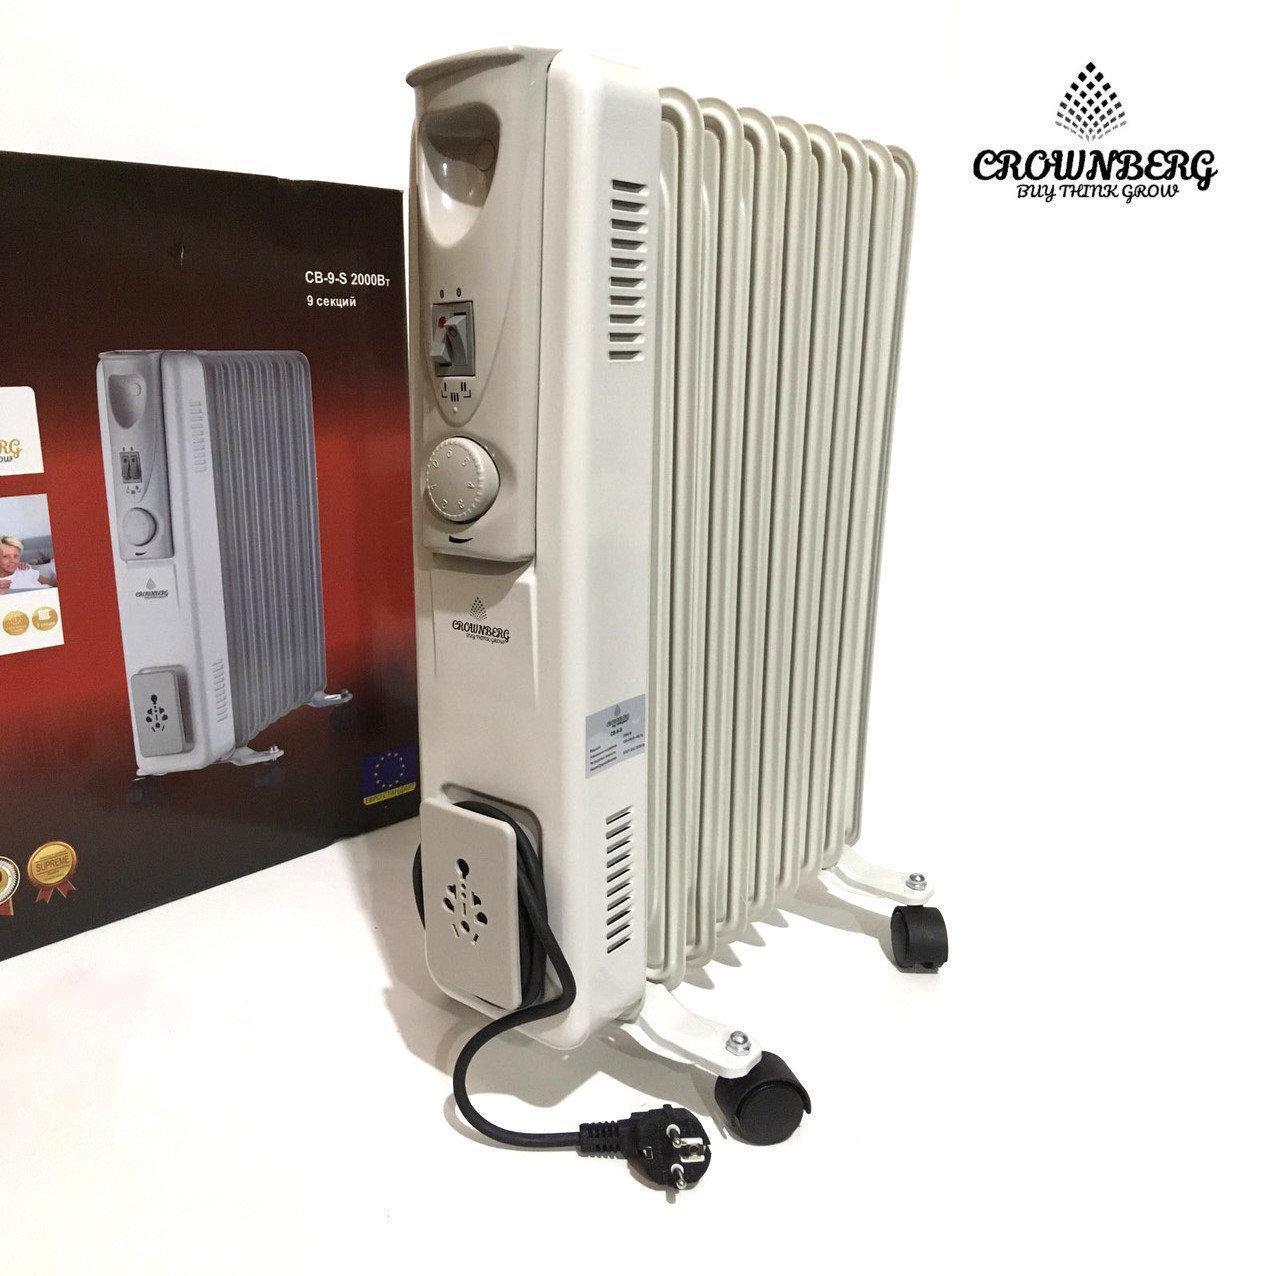 Масляный радиатор Heater CB 9 S Crownberg 2000W масляный обогреватель на 9 секций 2000Вт с терморегулятором